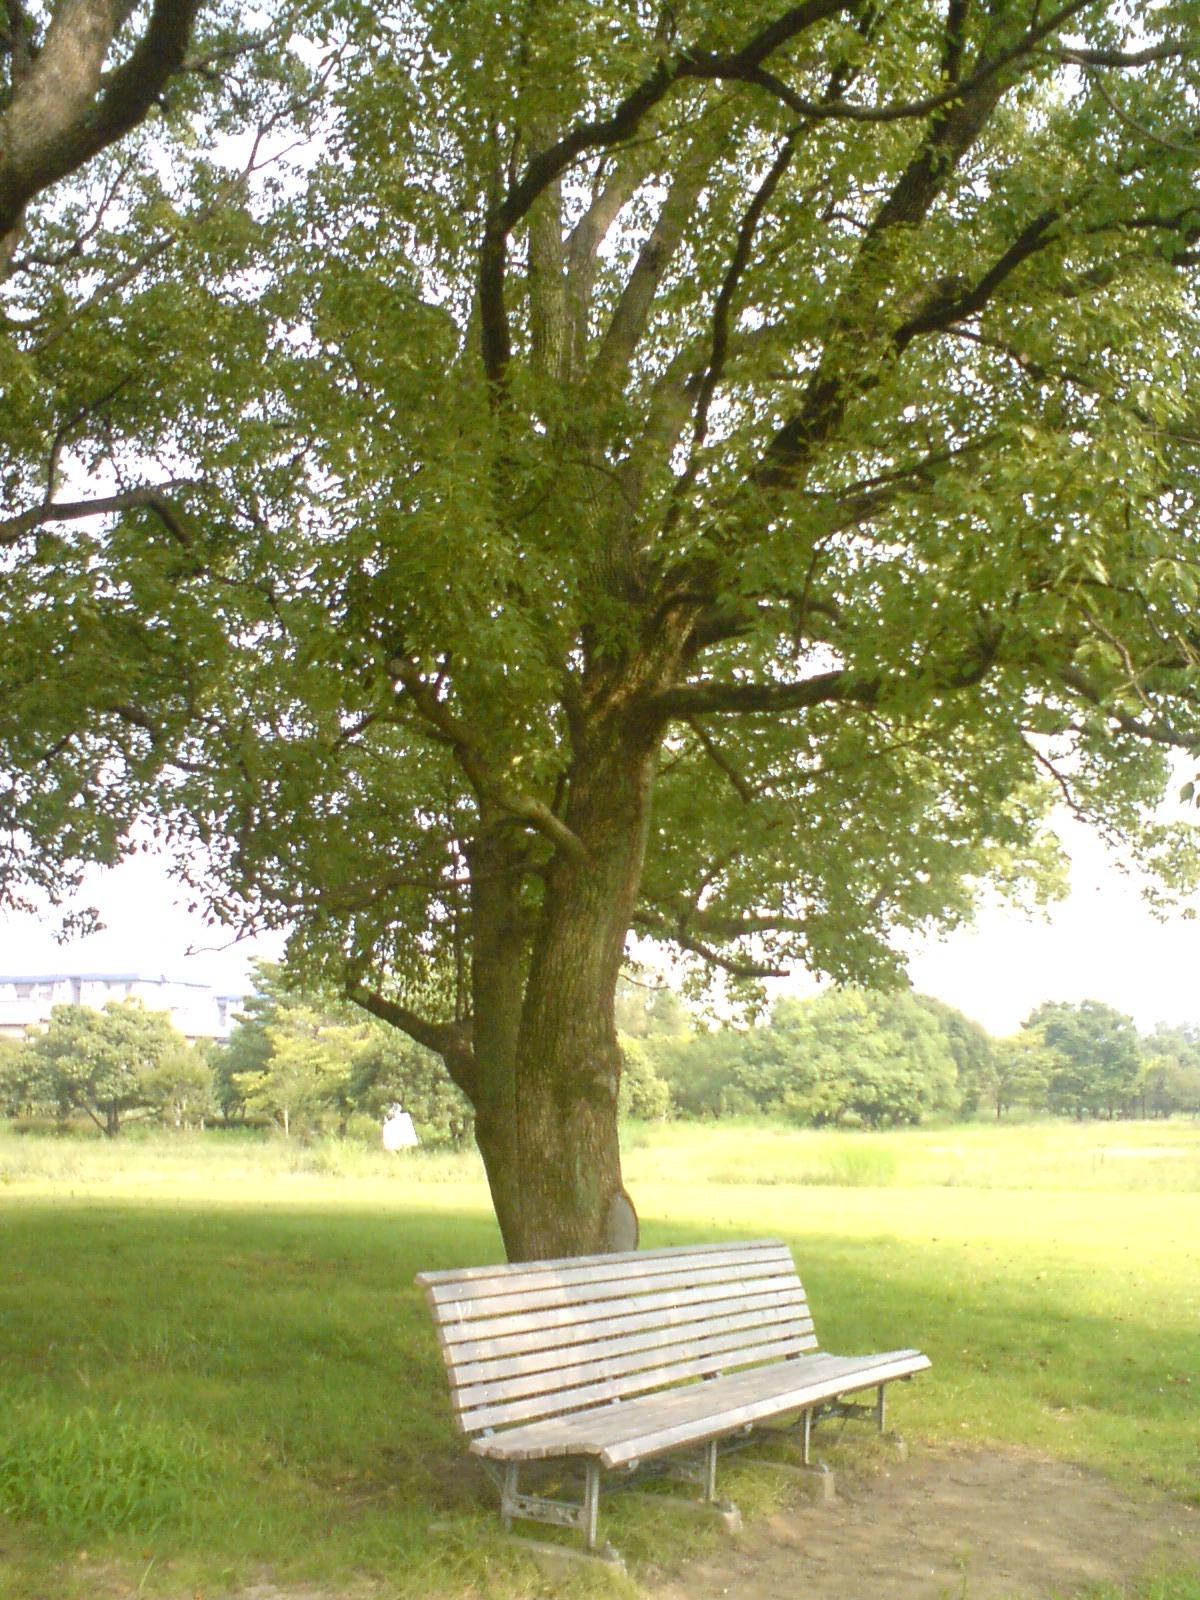 Ohnaka_bench1_2